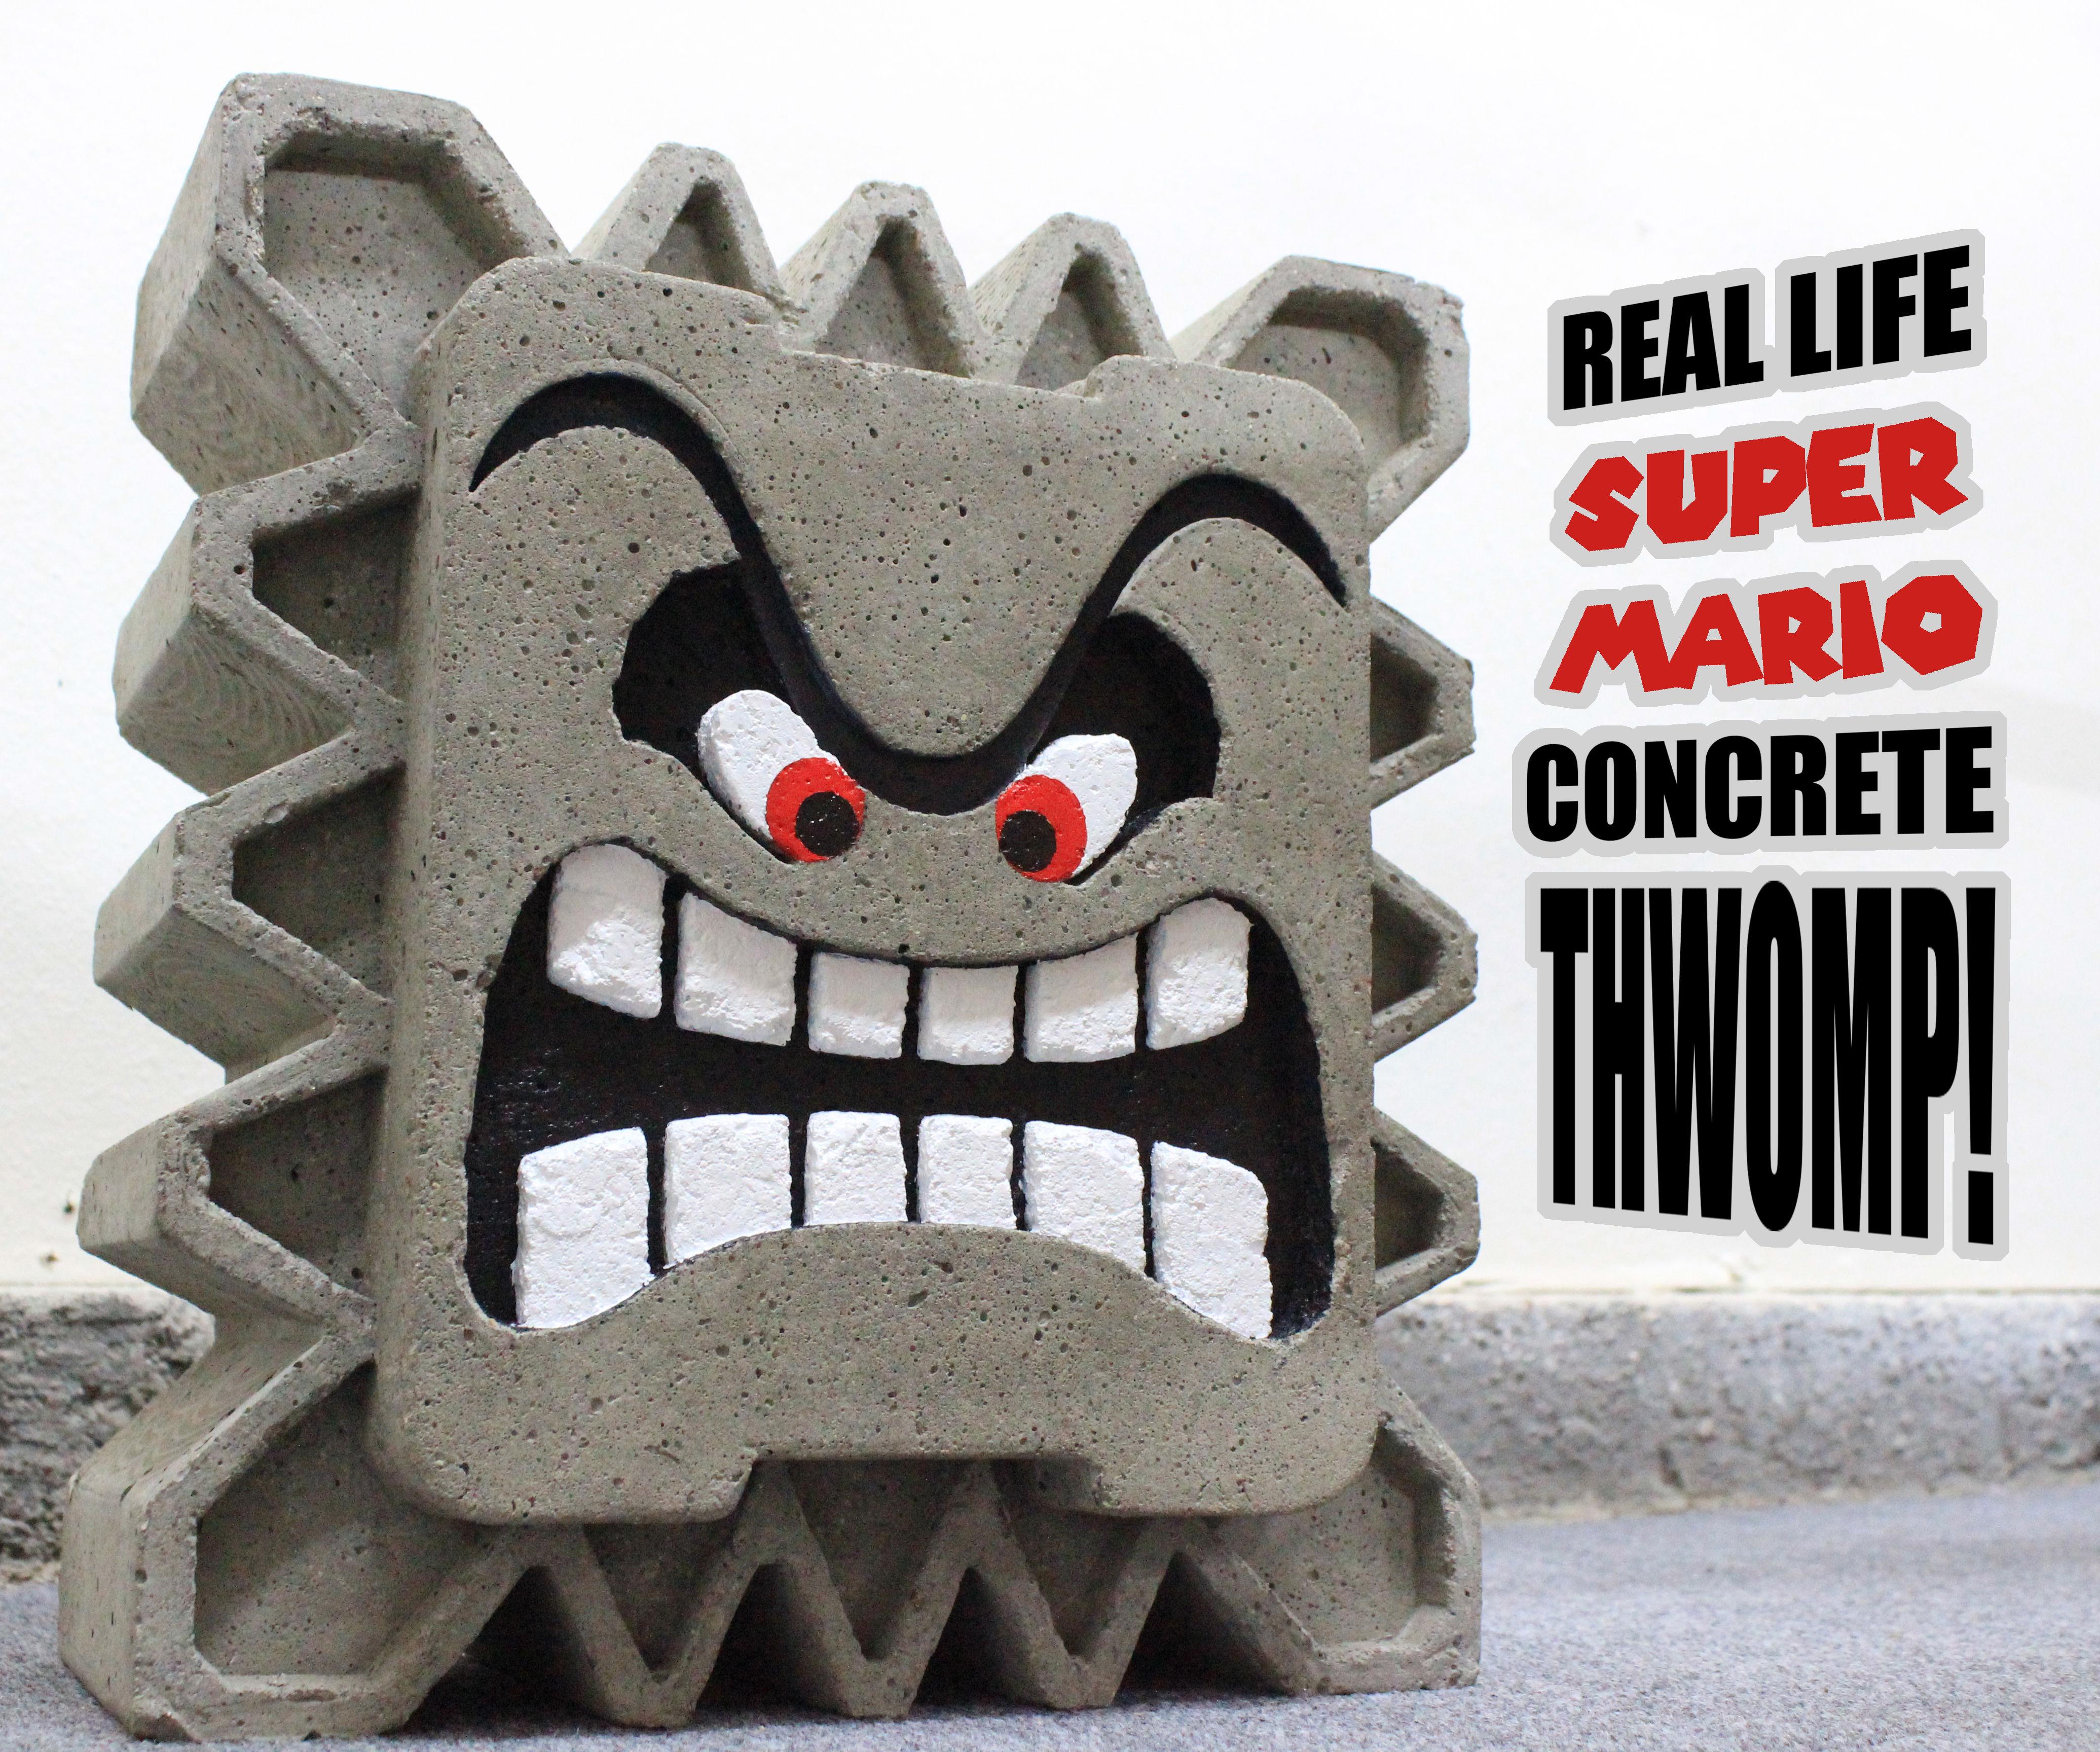 Real Life Super Mario Concrete Thwomp!